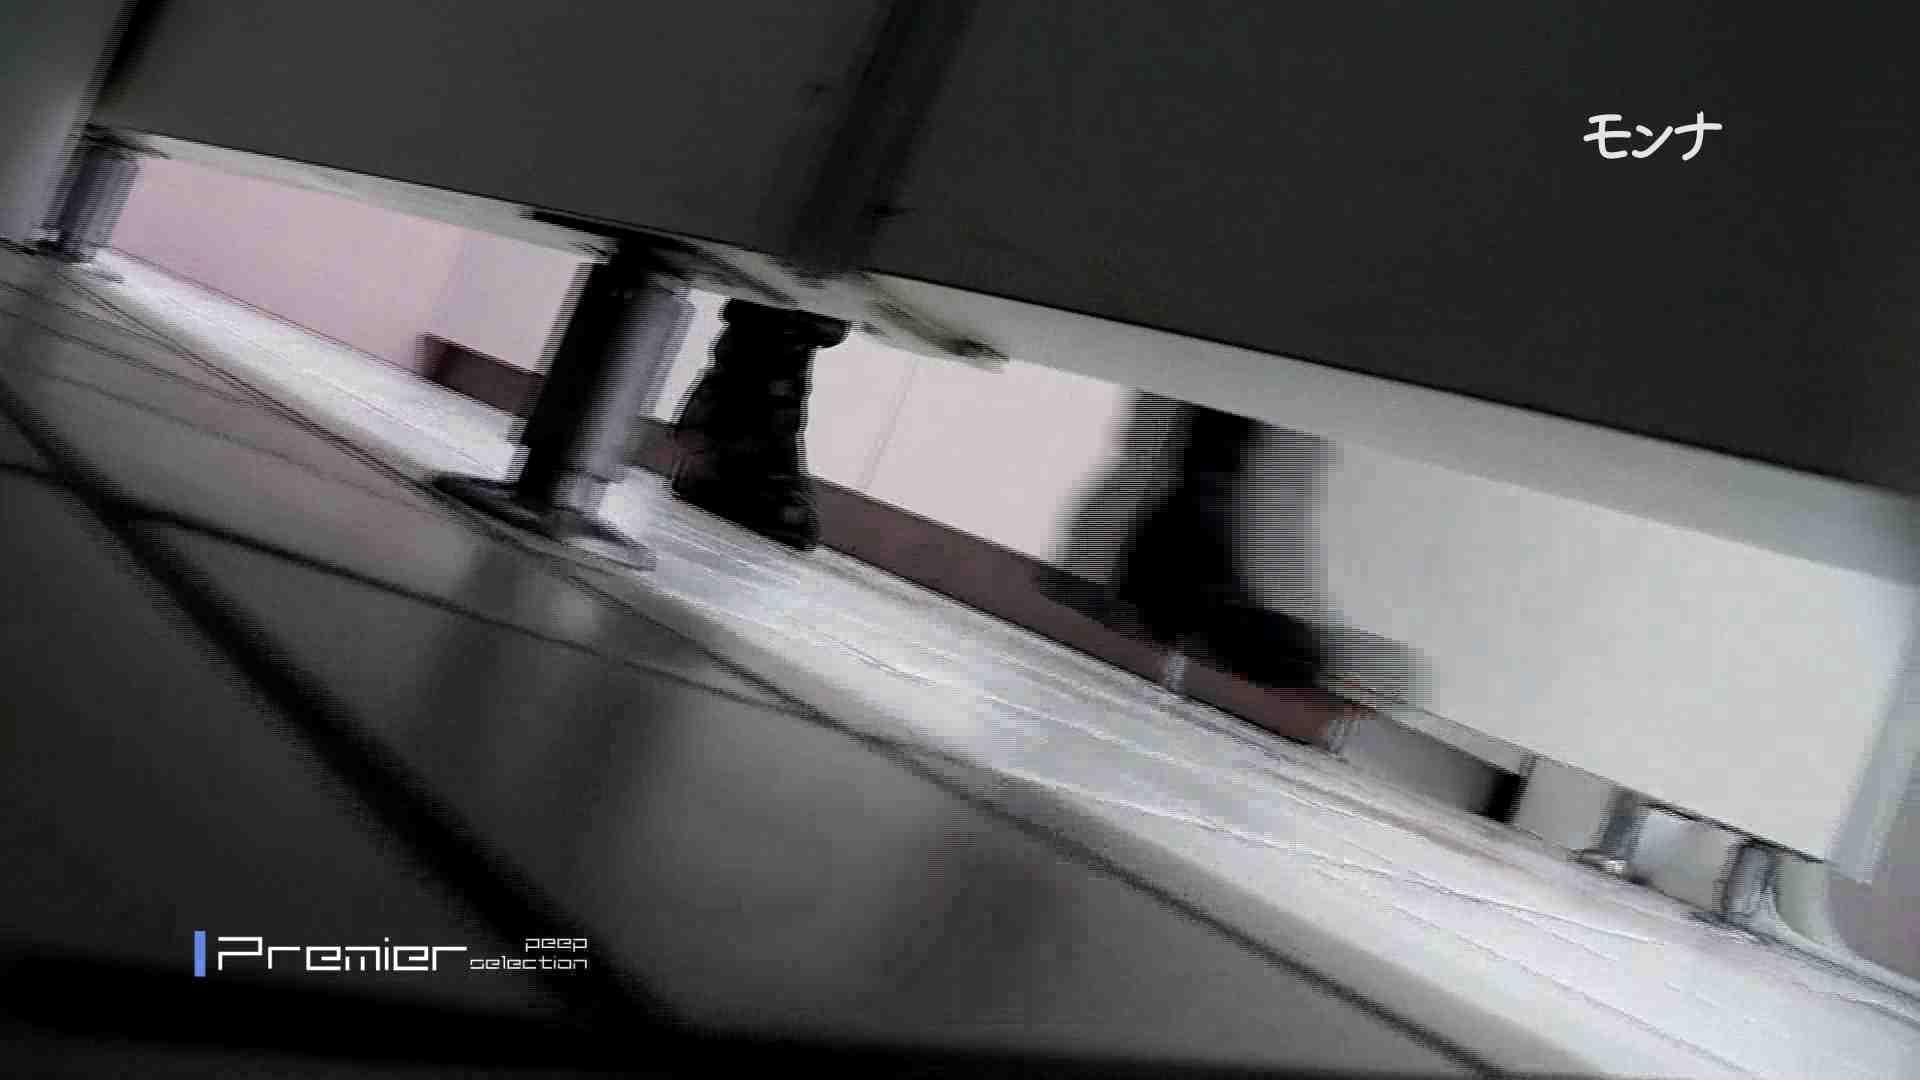 新学期!!下半身中心に攻めてます美小女可愛い女の悪戯盗撮トイレ 悪戯 おめこ無修正動画無料 106枚 59